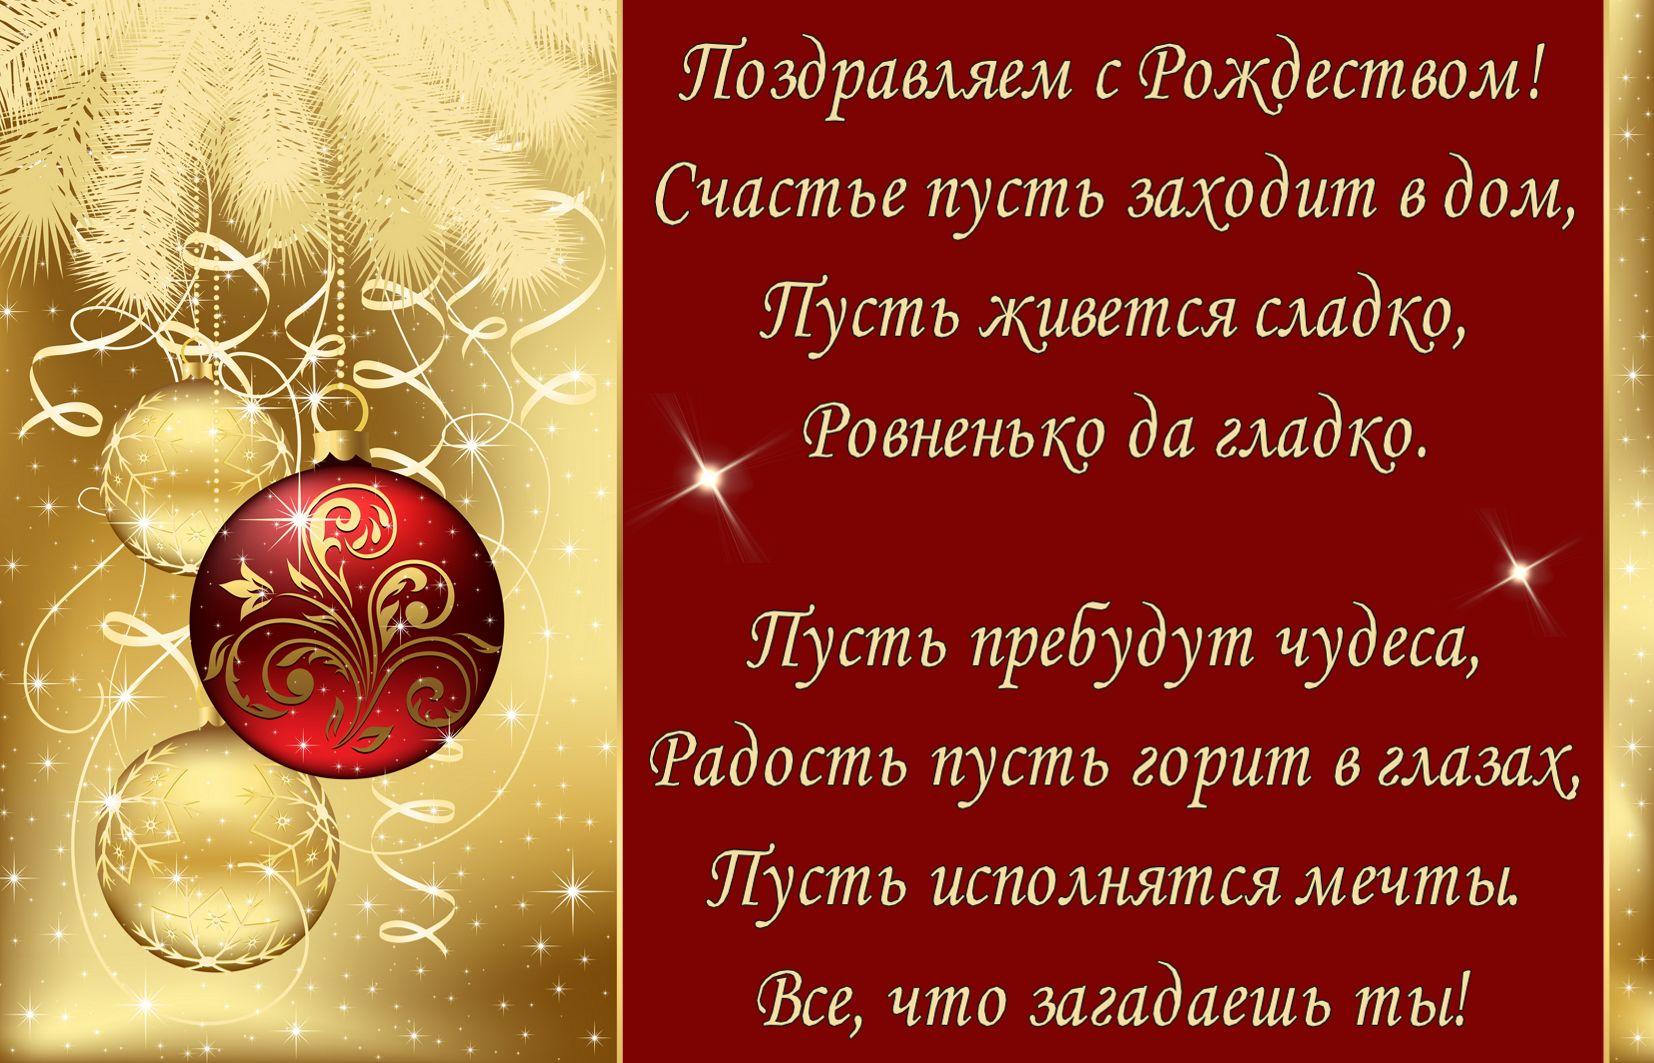 Открытку с поздравлением рождества